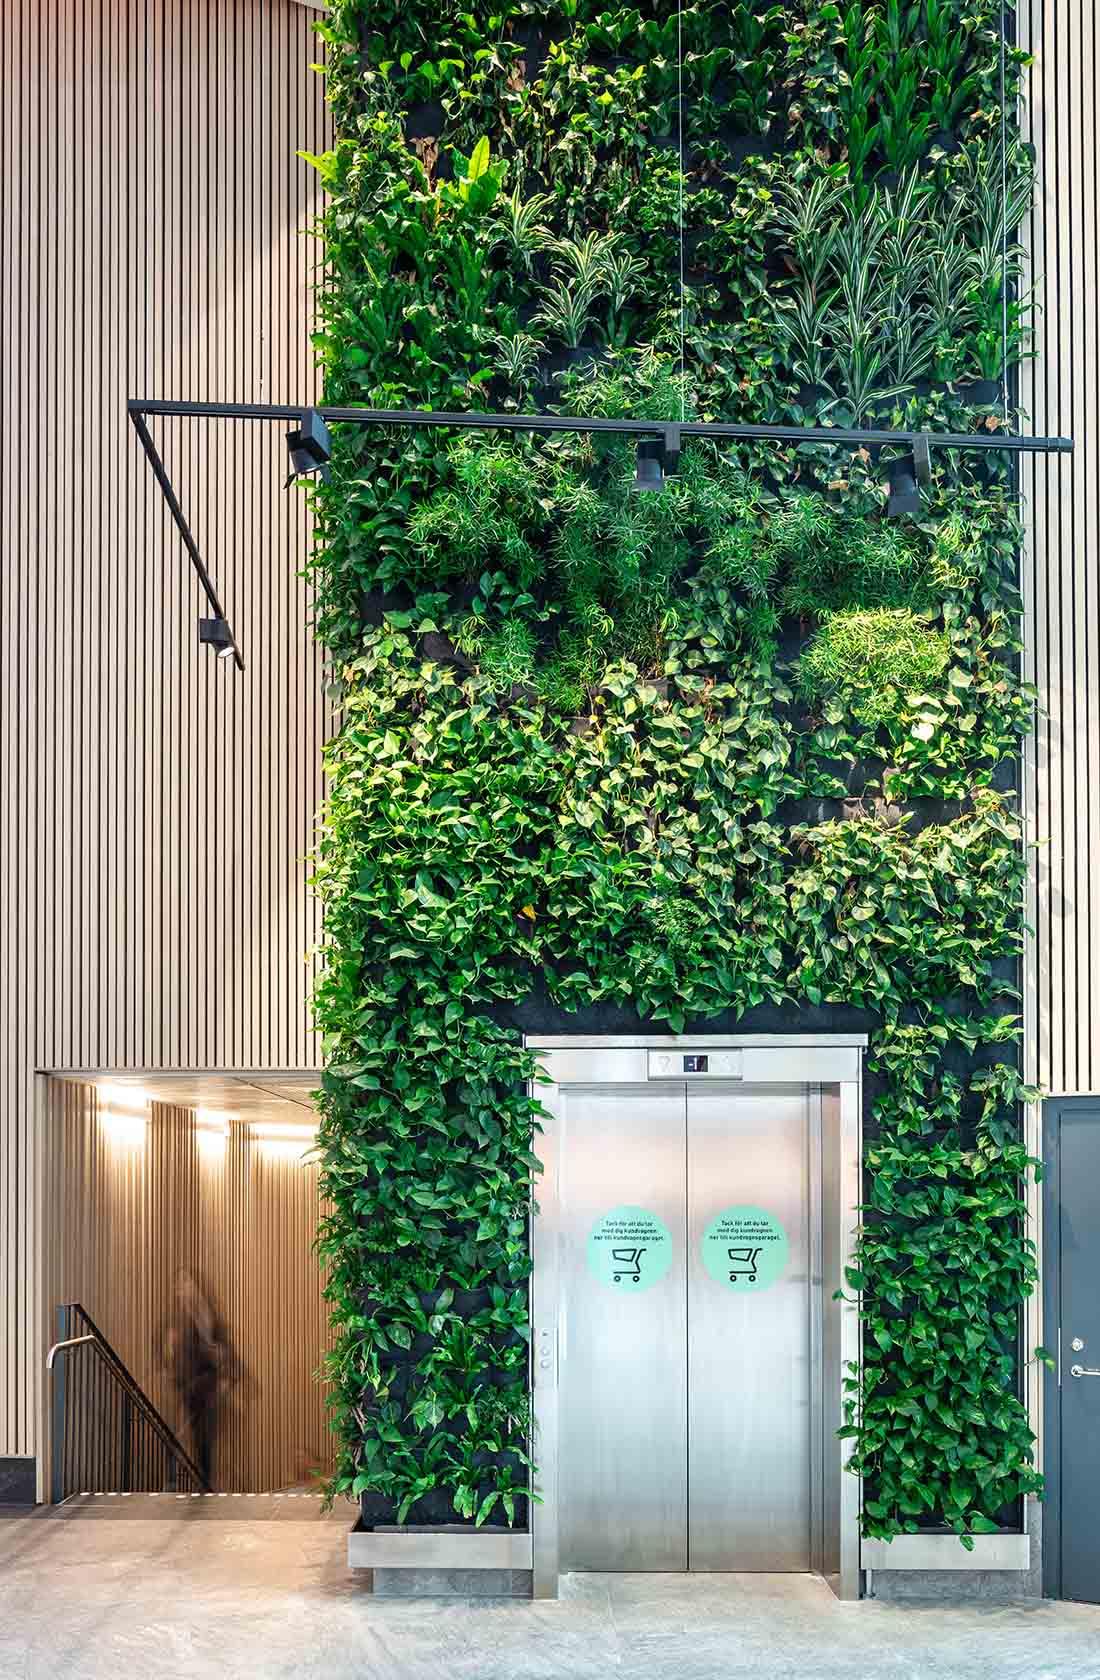 Grön växtvägg över hiss i Gränby centrum